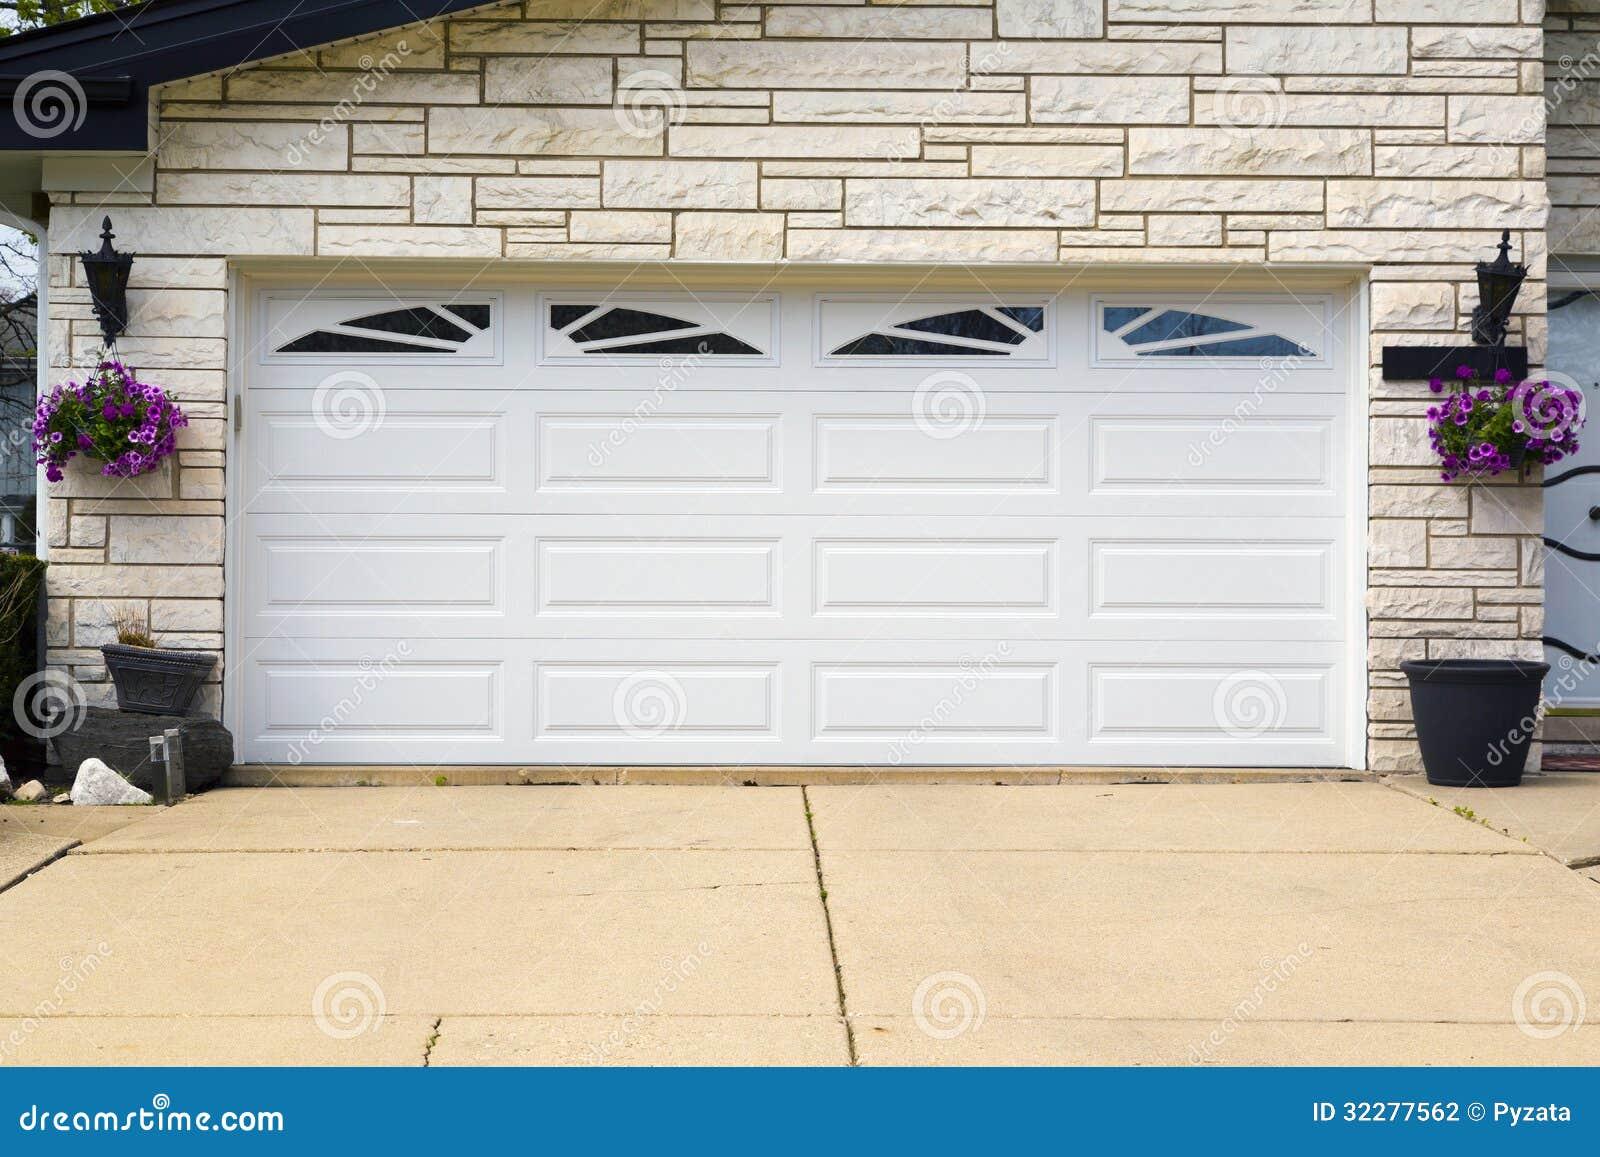 Garage door prices - Garage Door Stock Photography Image 32277562